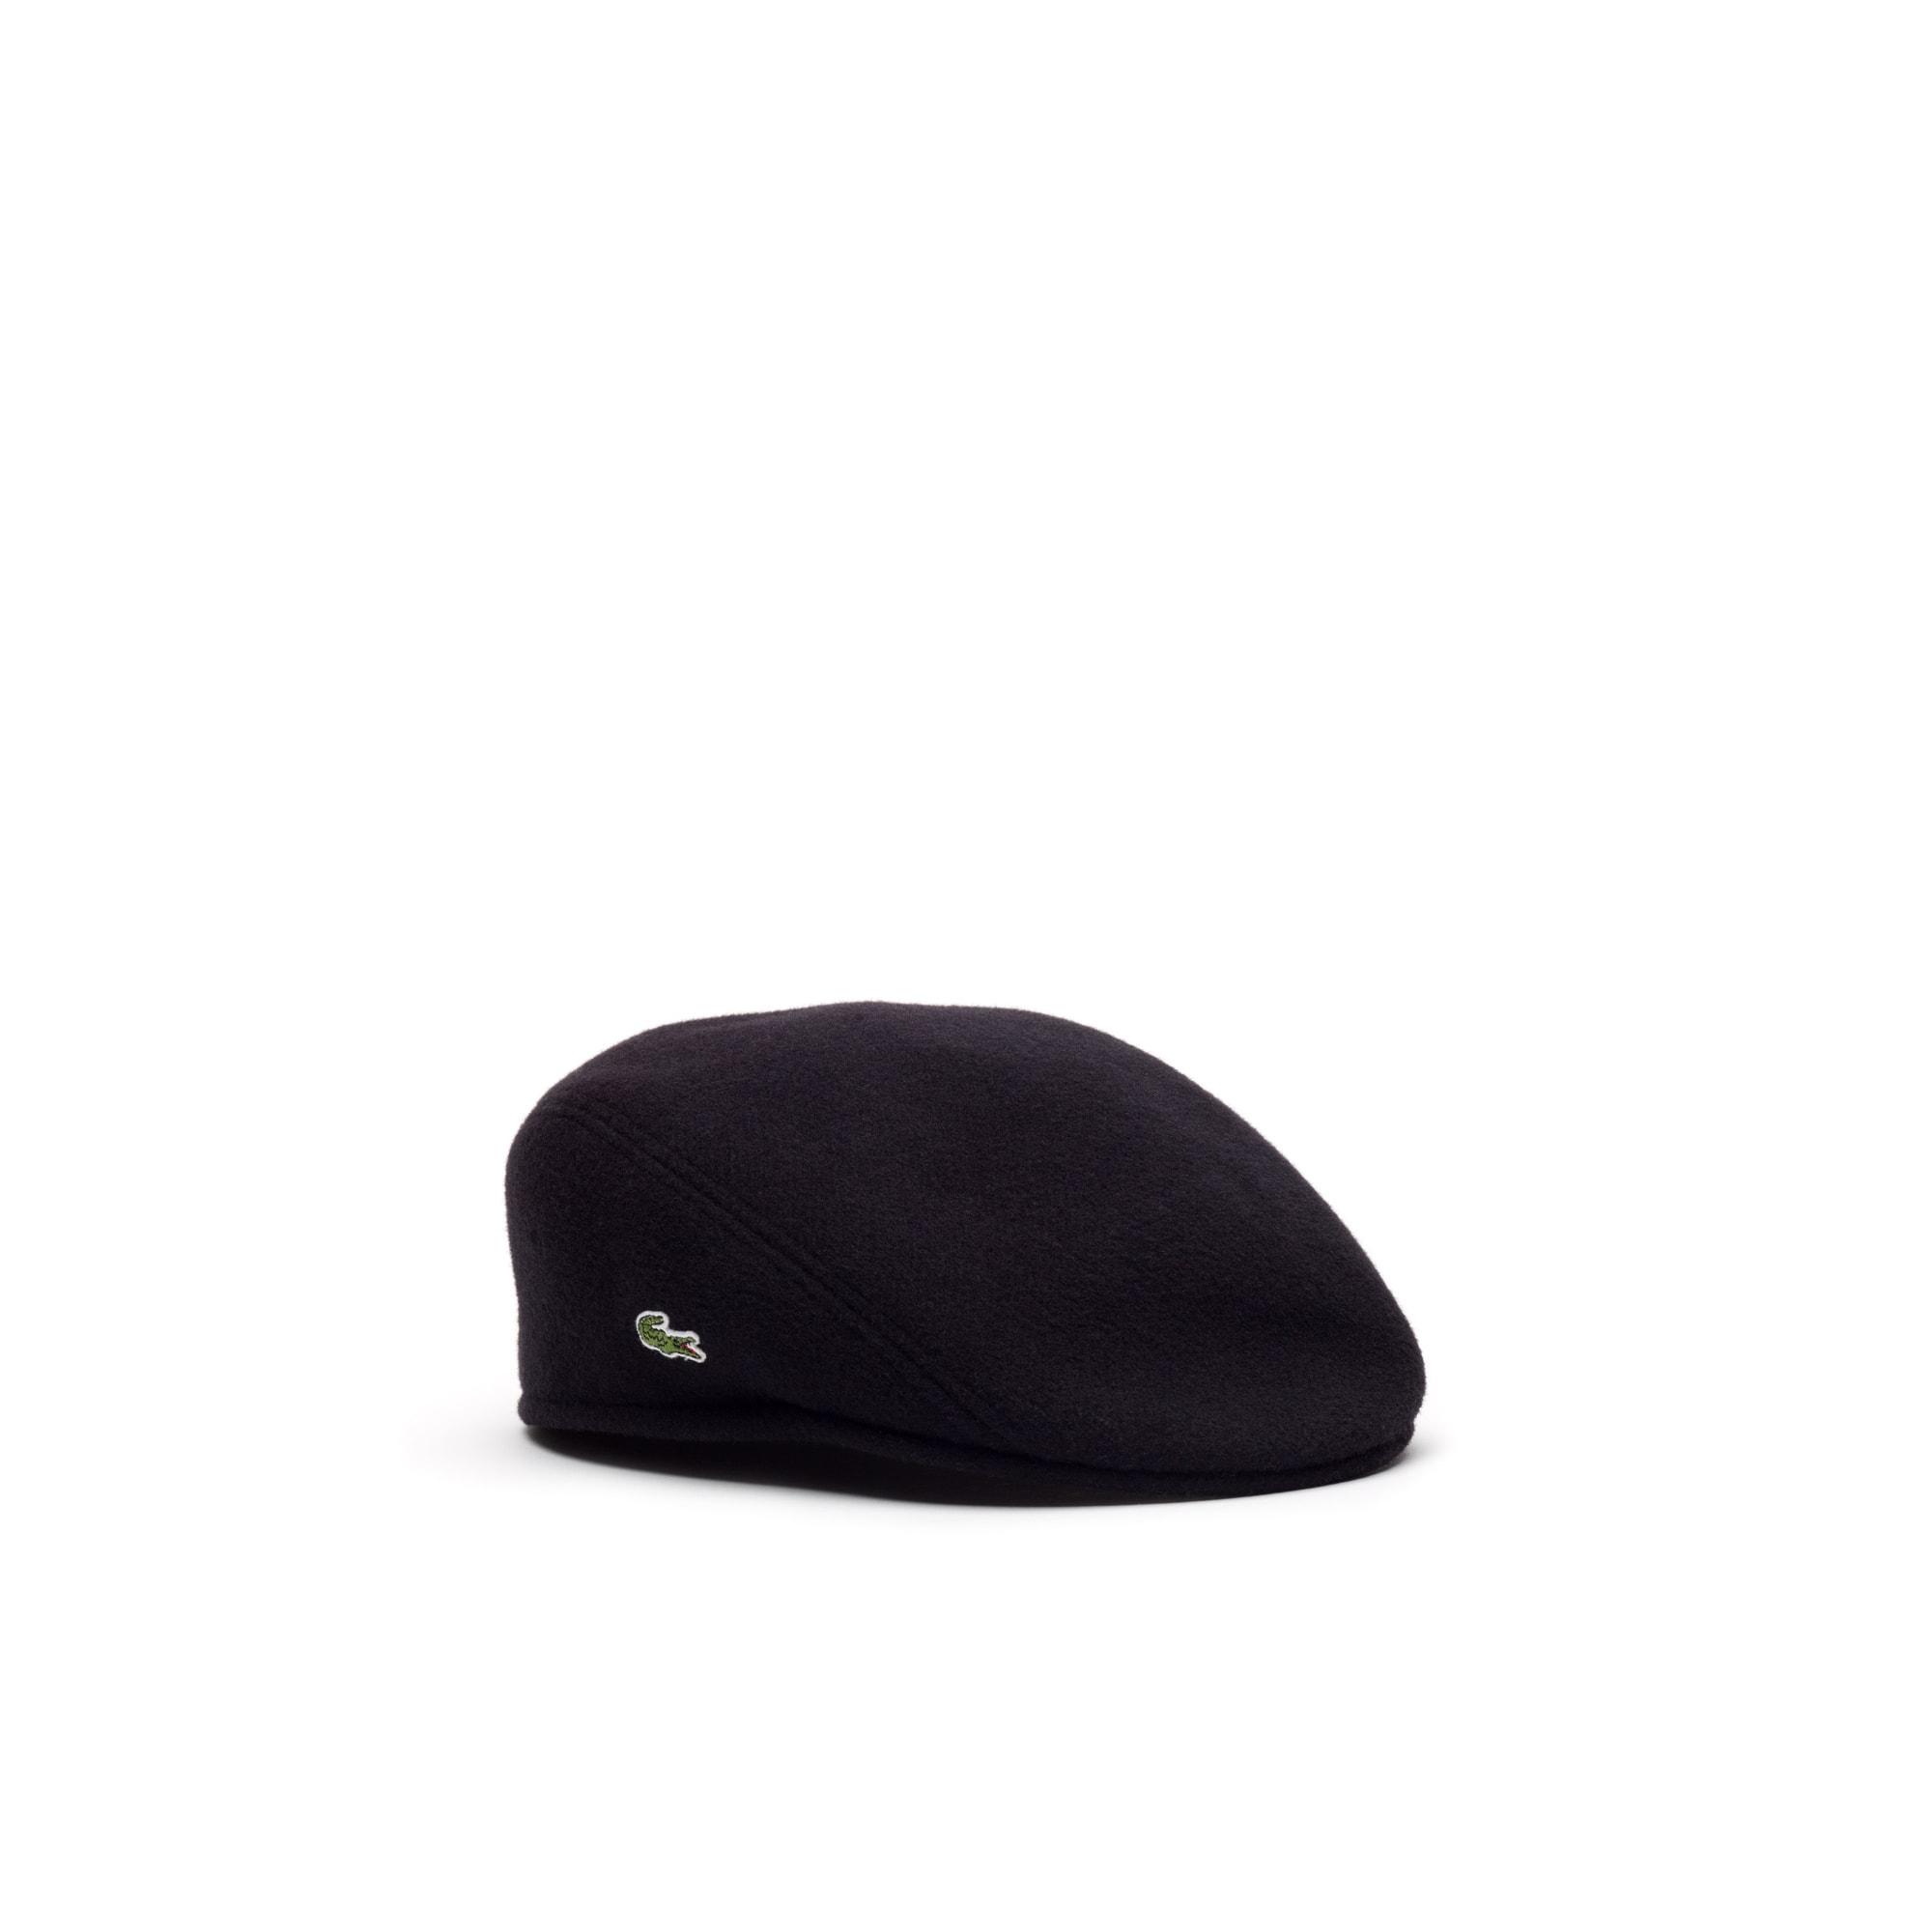 Men's Wool Broadcloth Flat Cap